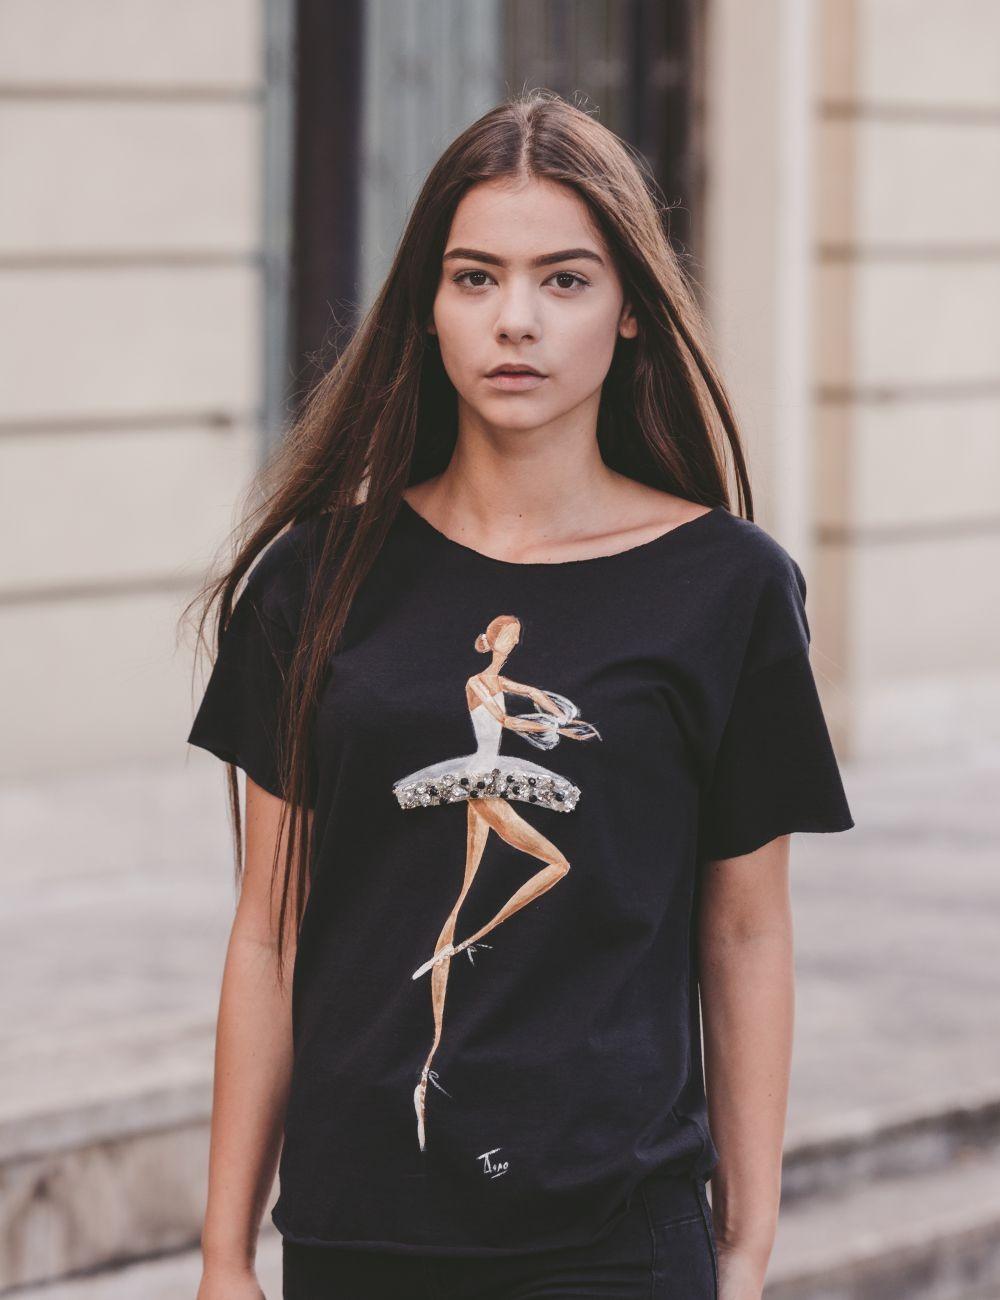 Sweet Ballerina T-shirt